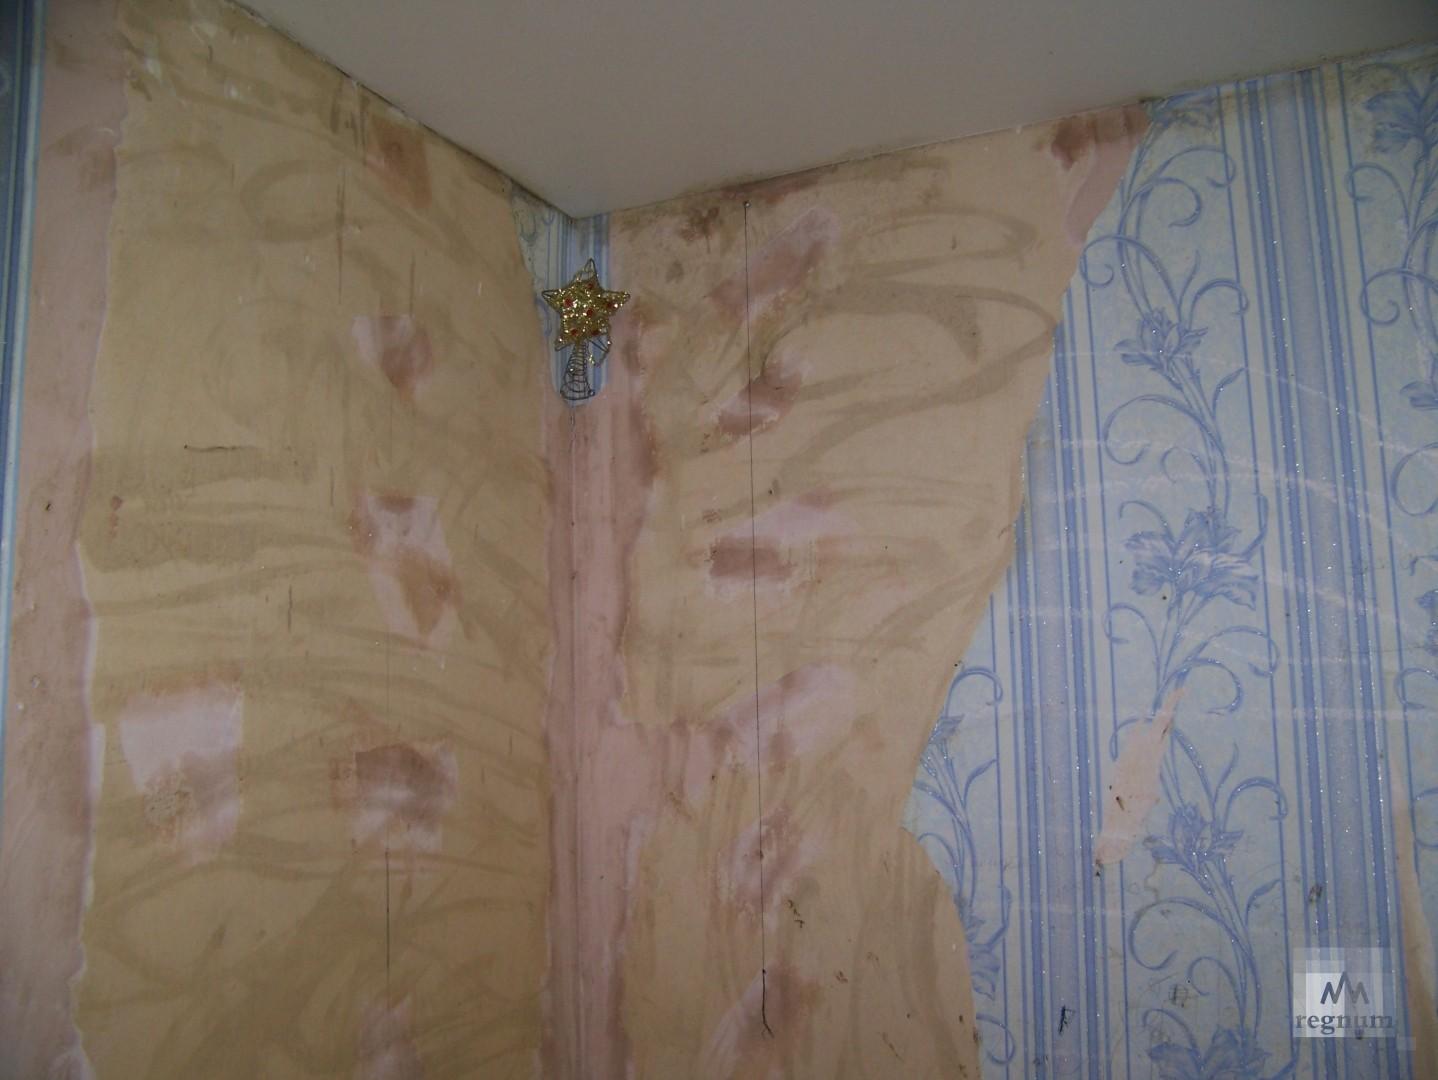 Украшения для стен домов на улица Спекова: карандаш от тараканов